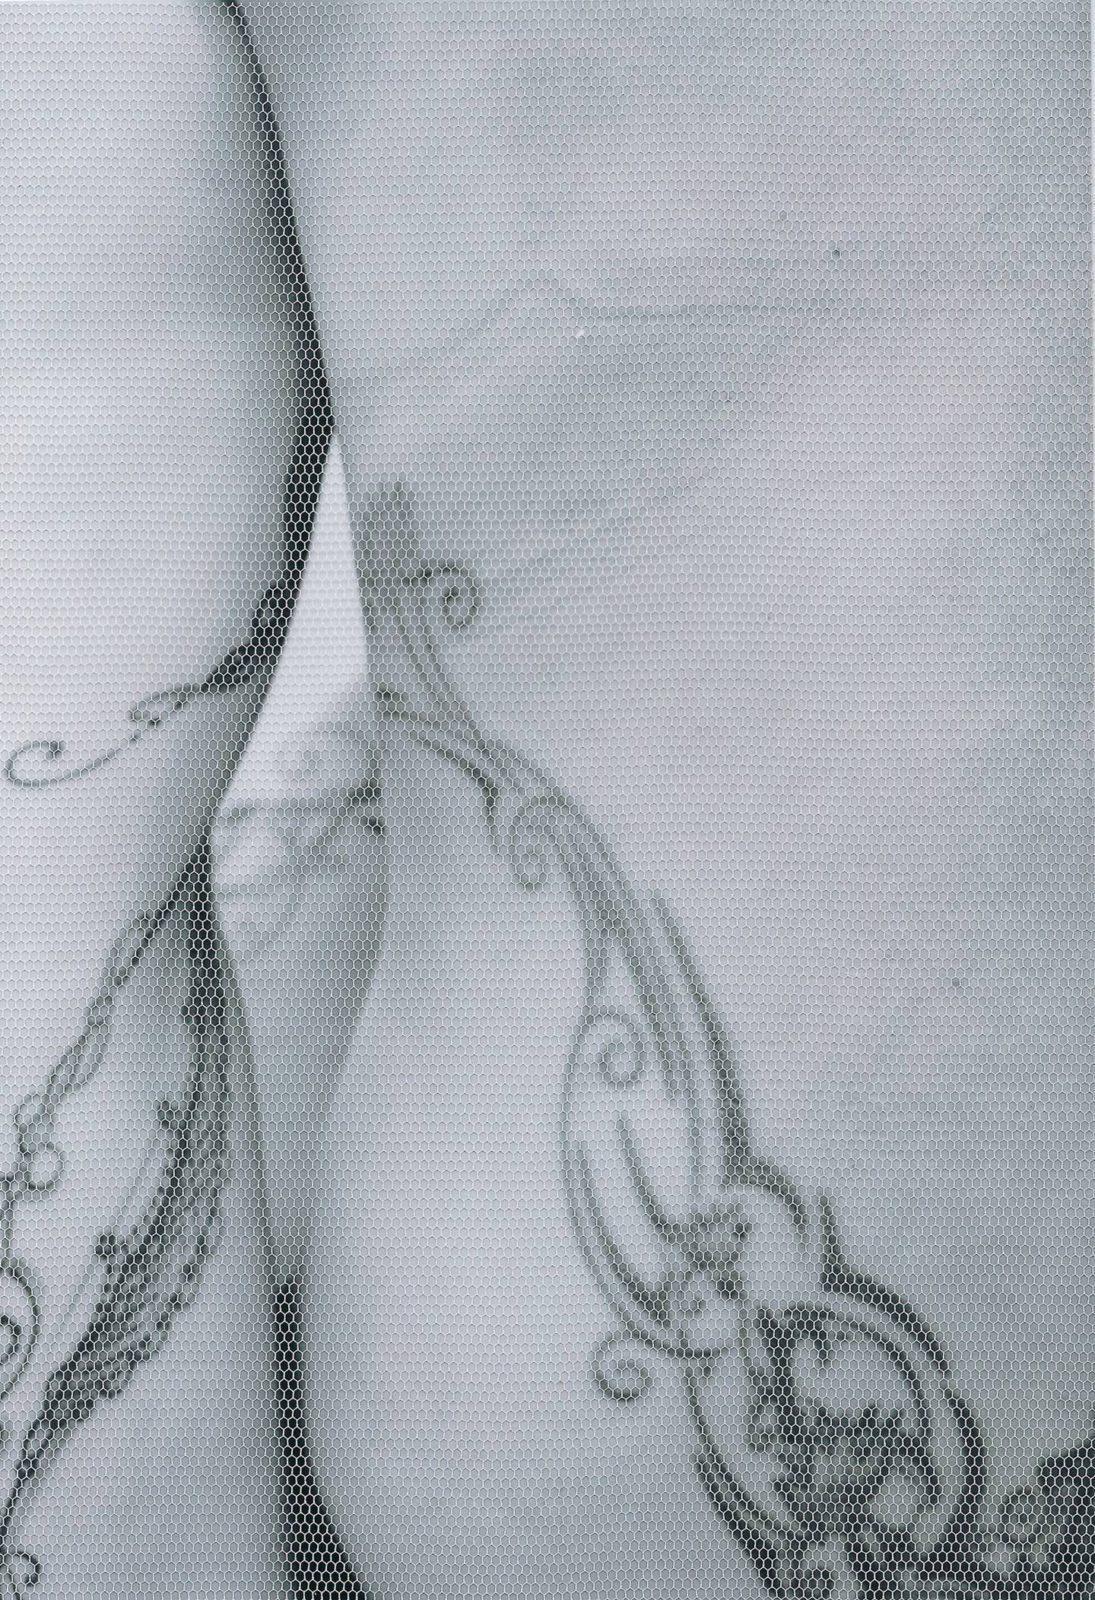 Tatoothérapie - Aline par Silva Usta